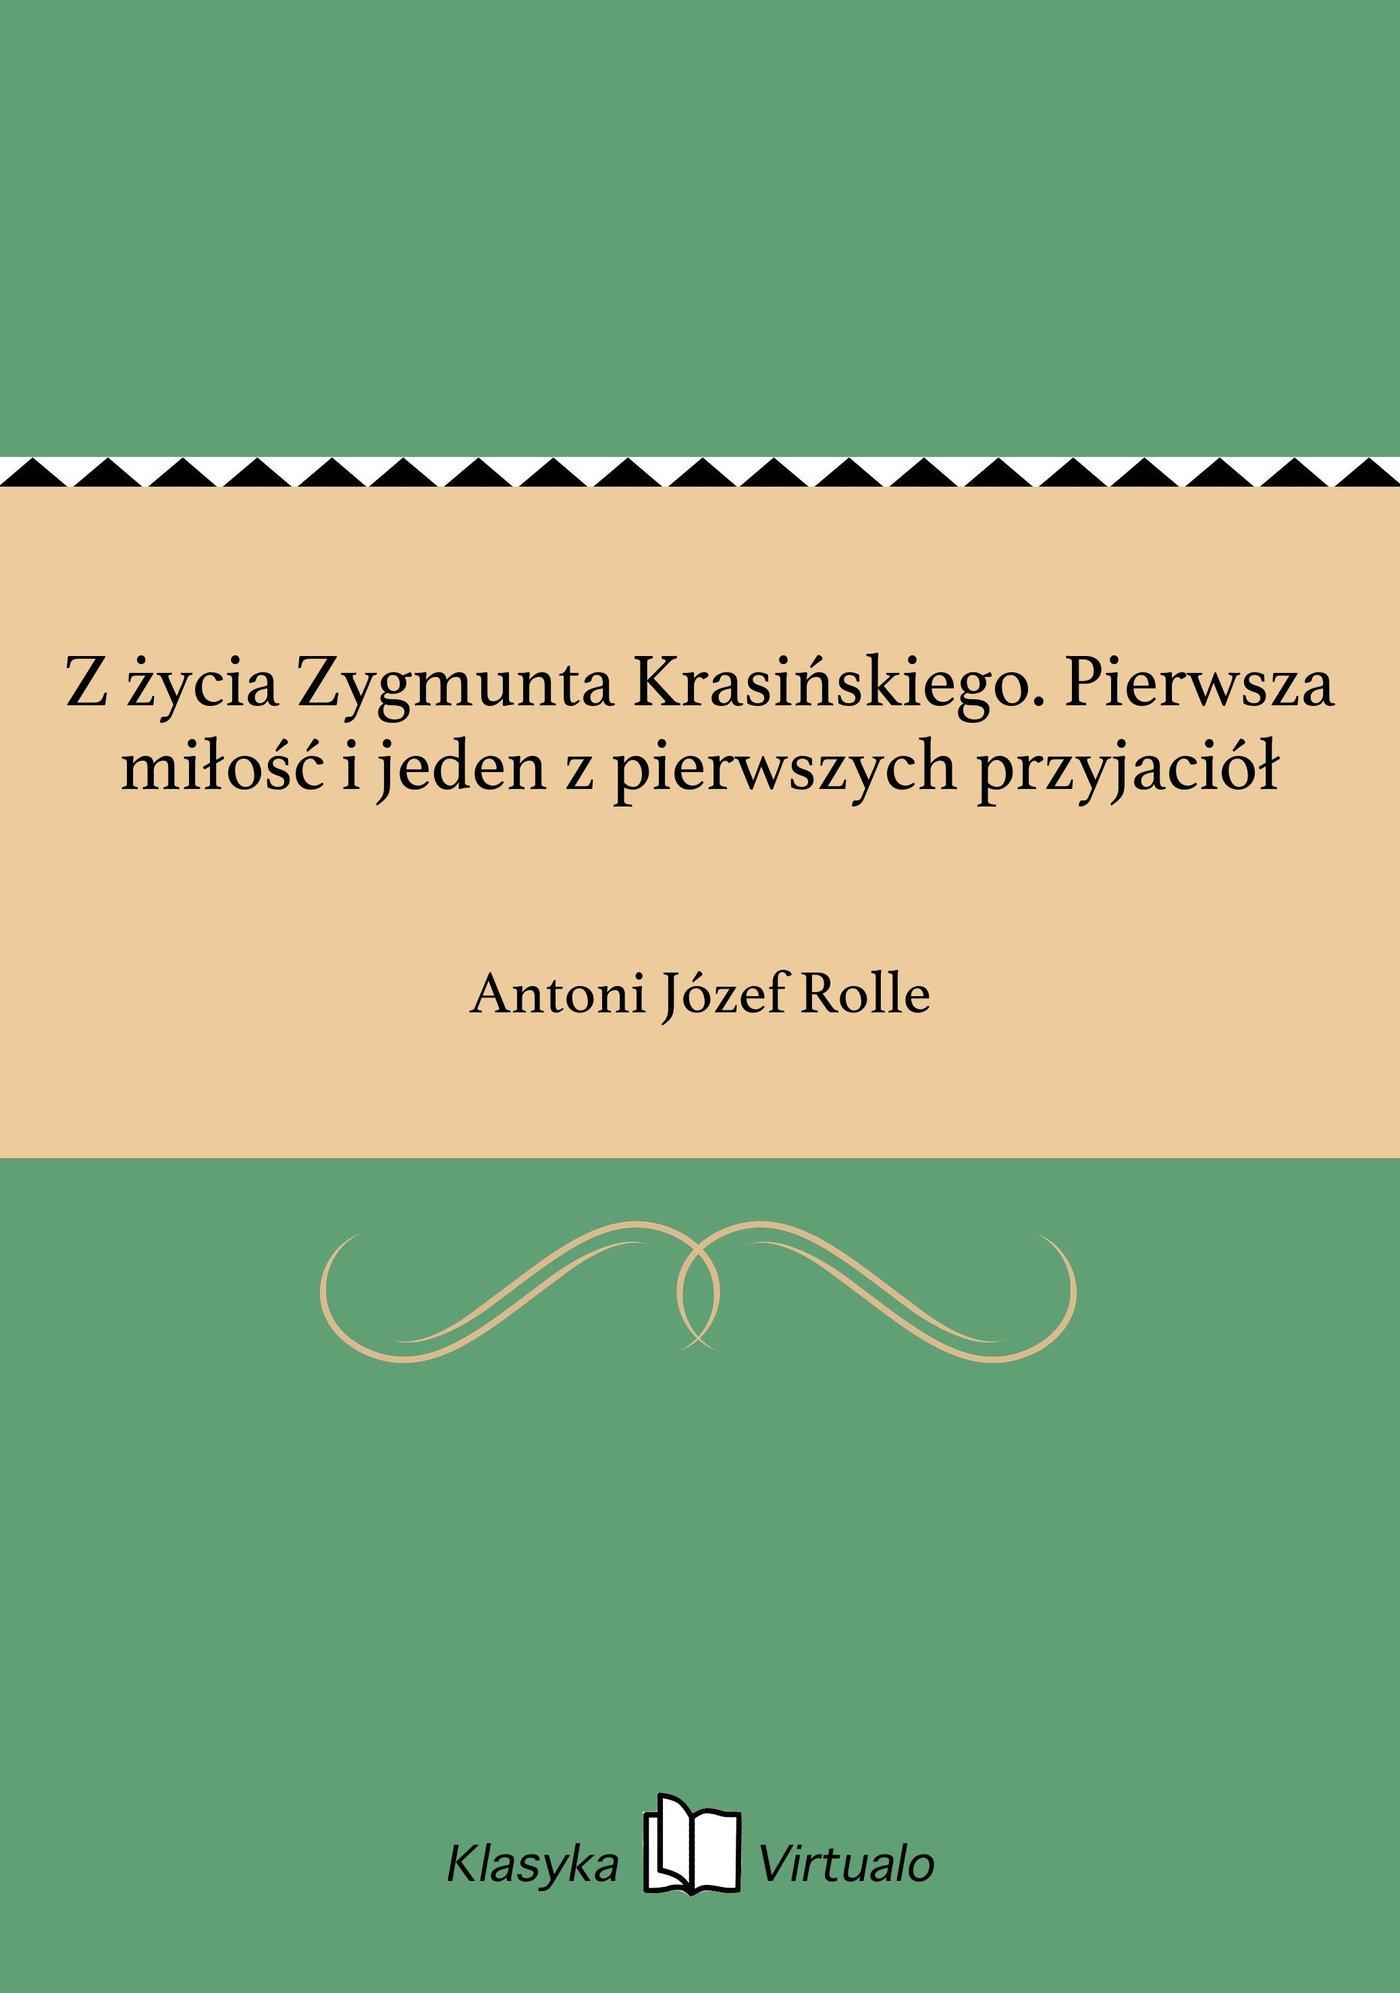 Z życia Zygmunta Krasińskiego. Pierwsza miłość i jeden z pierwszych przyjaciół - Ebook (Książka EPUB) do pobrania w formacie EPUB